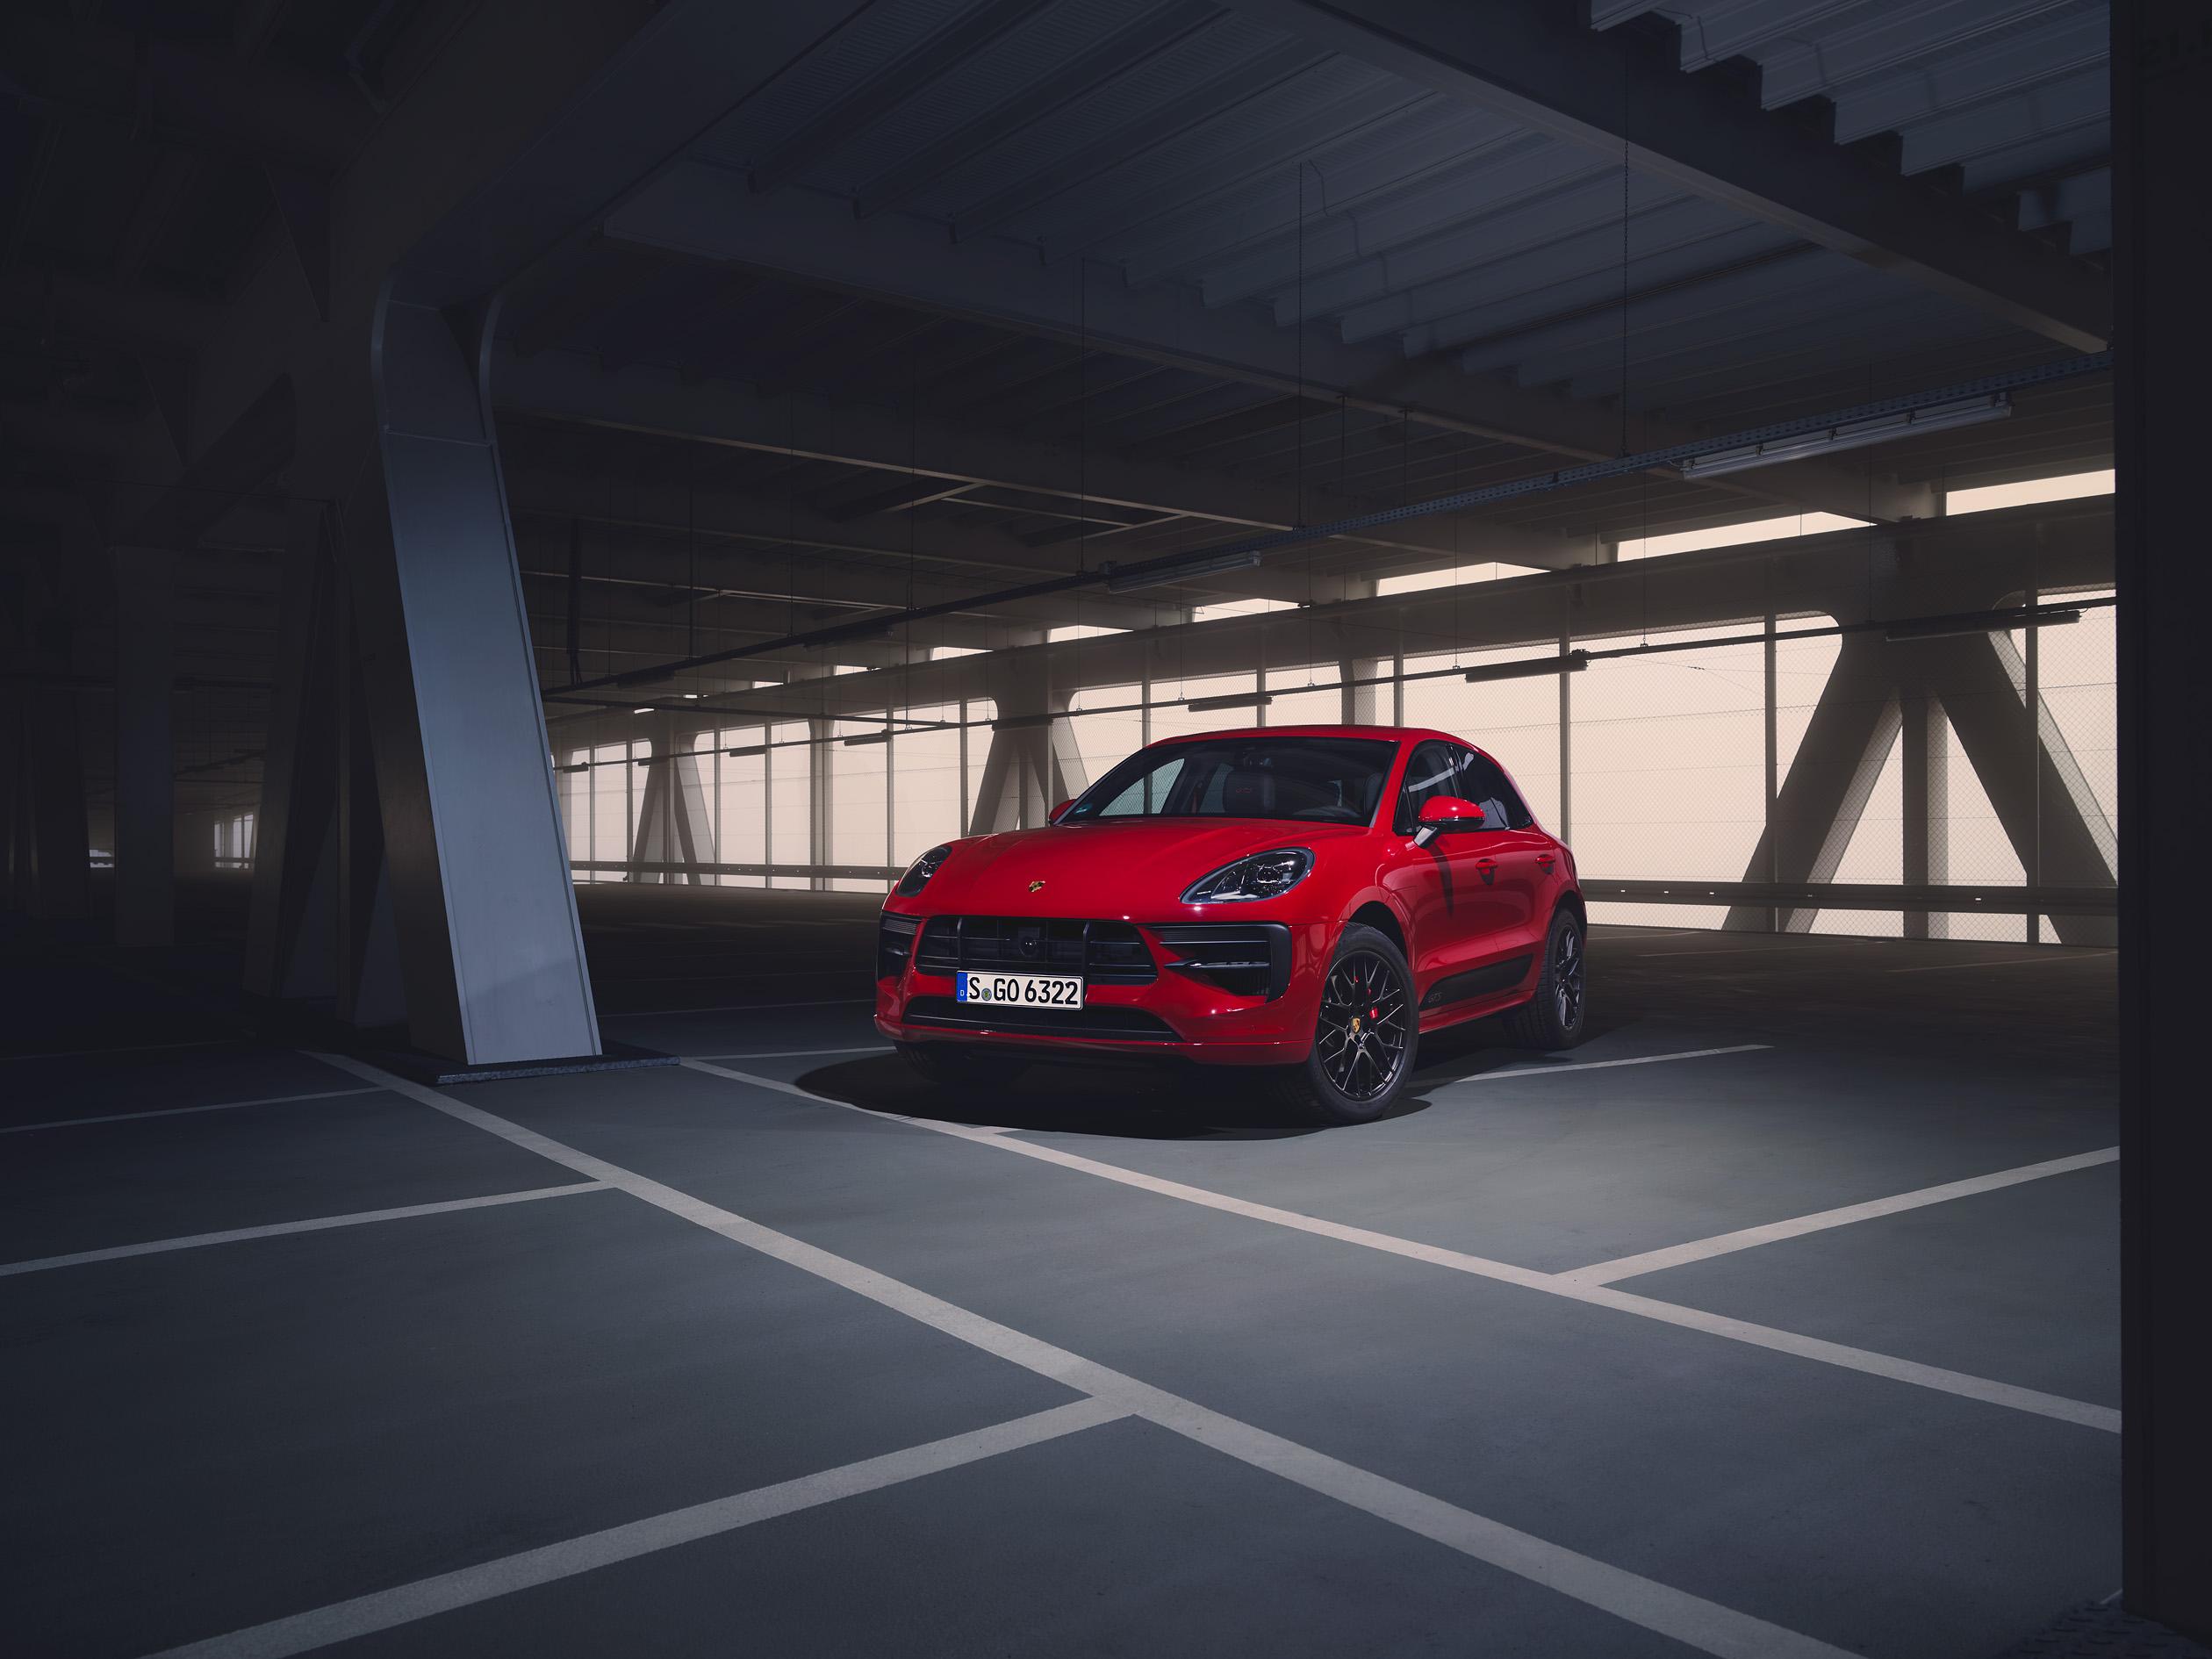 2020 Porsche Macan GTS Red